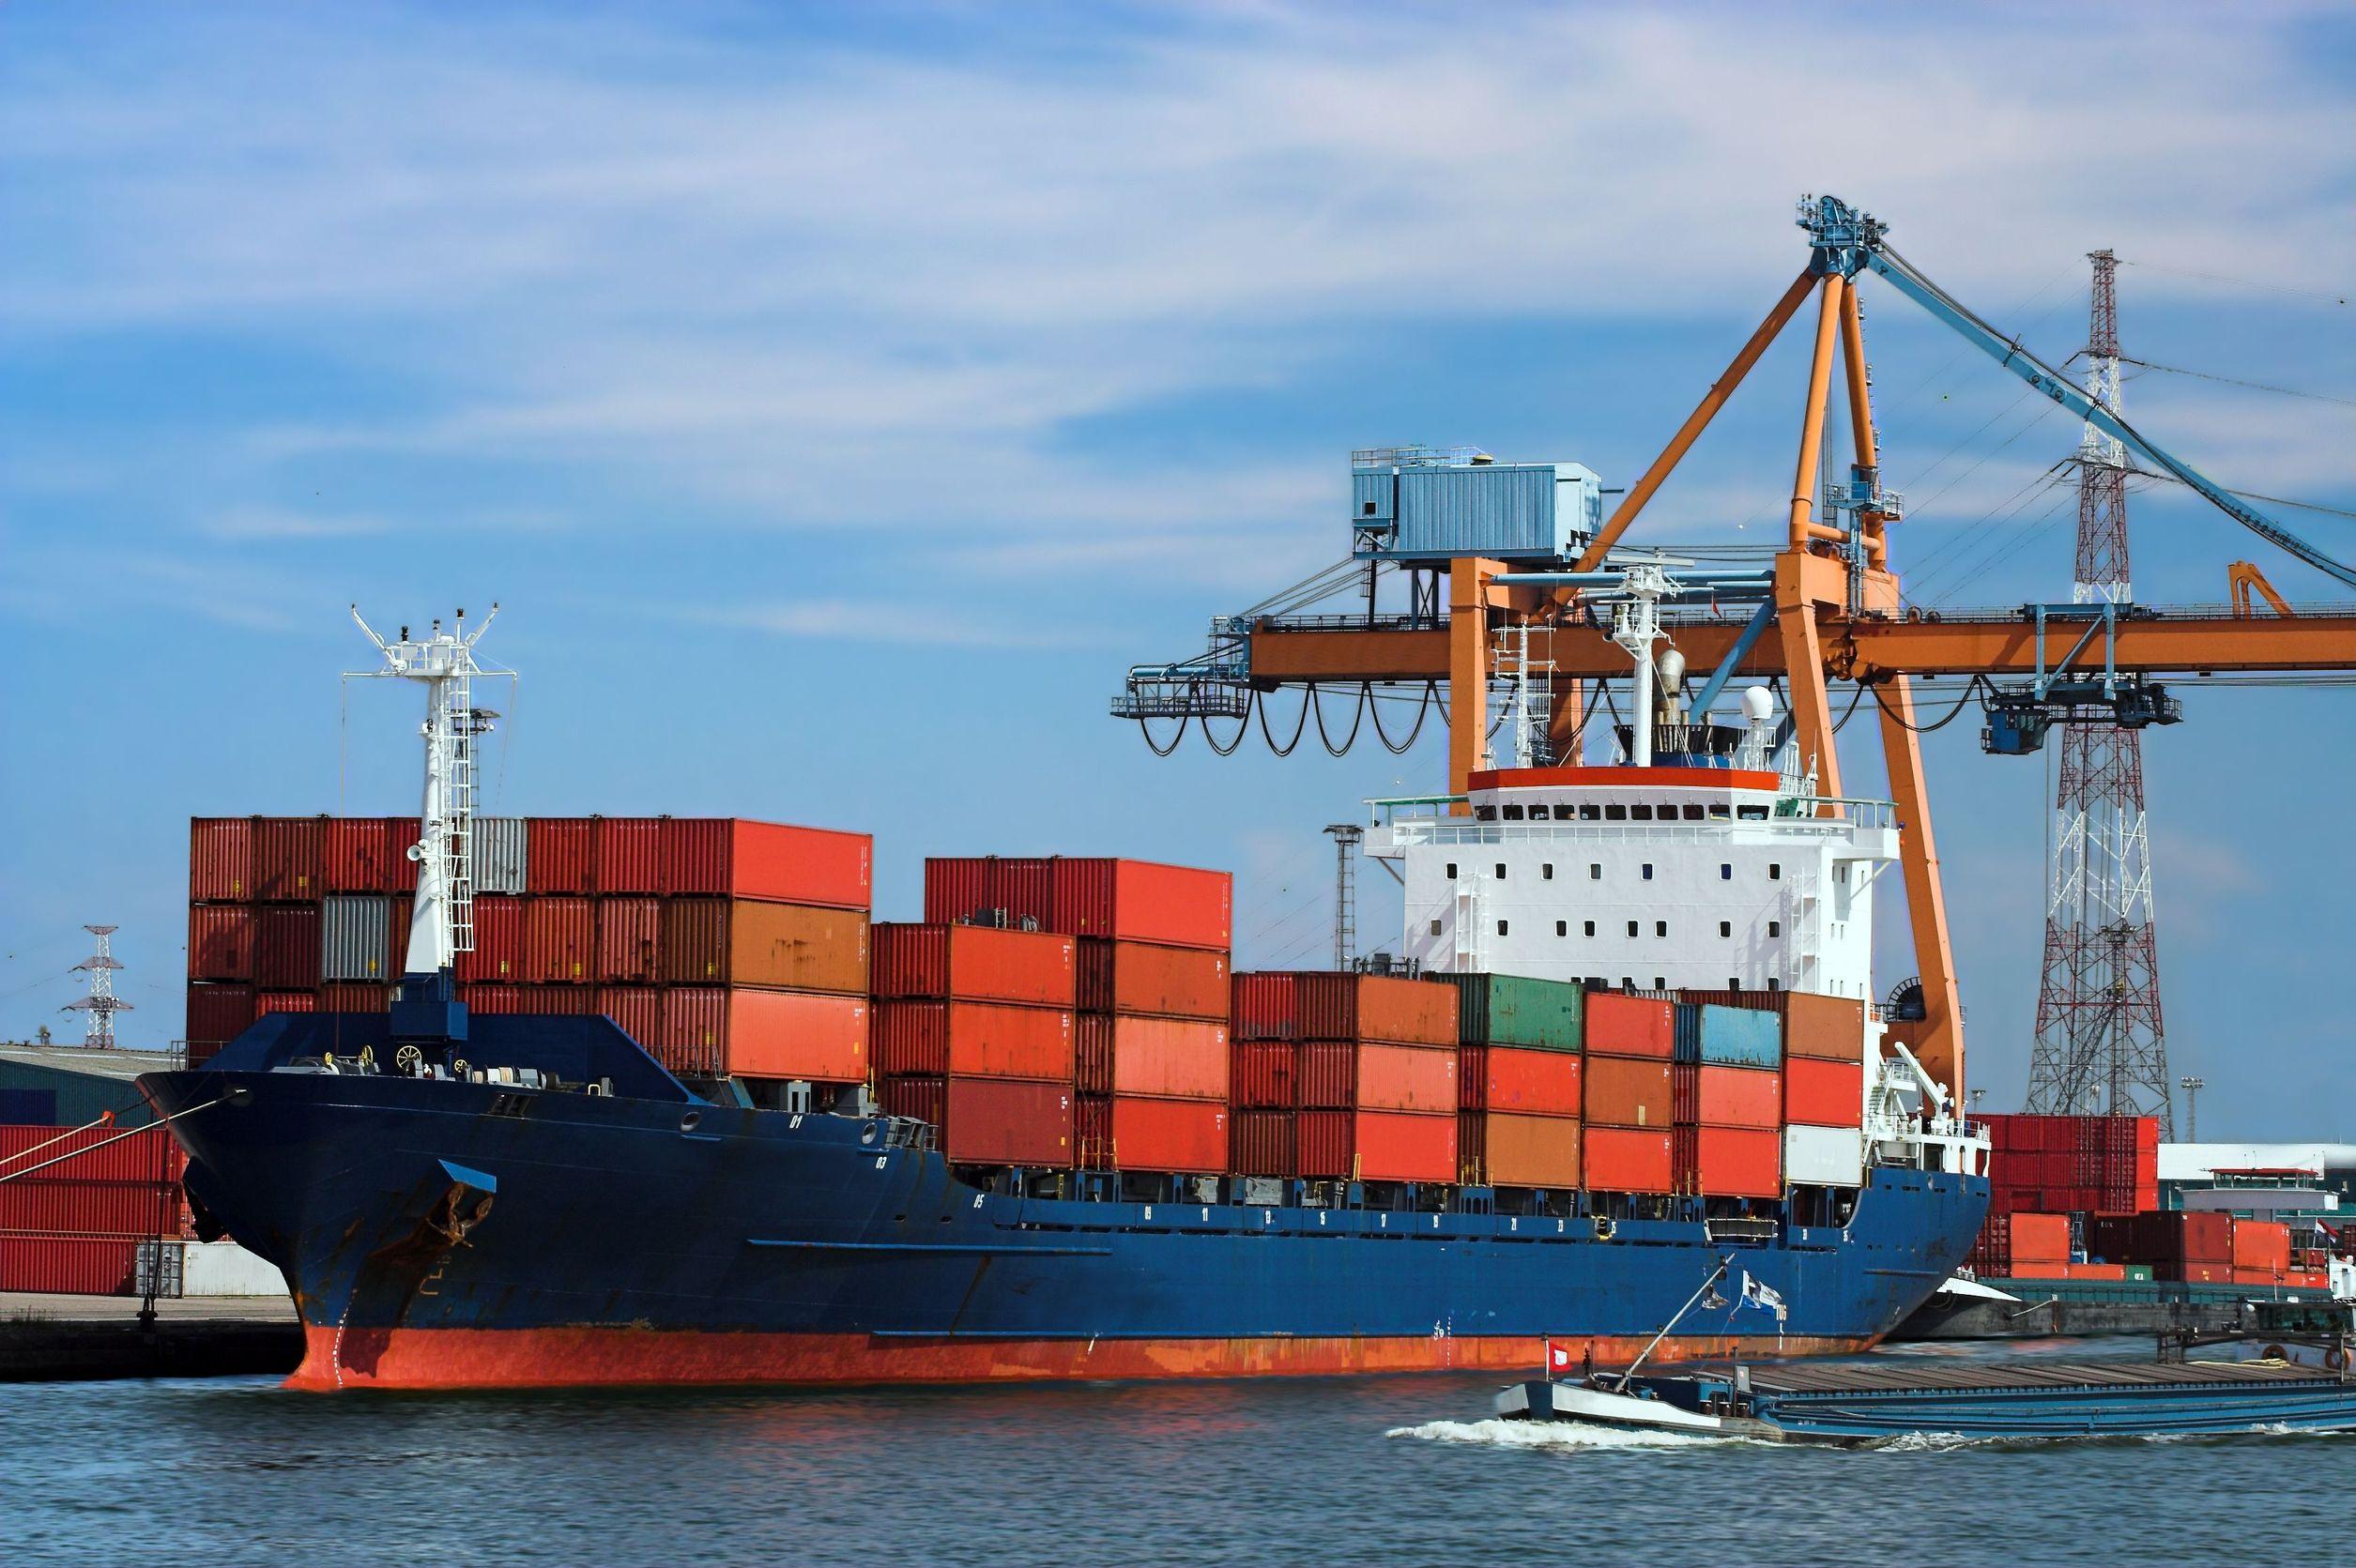 CJ Logistics pursues Vietnamese expansion ambition